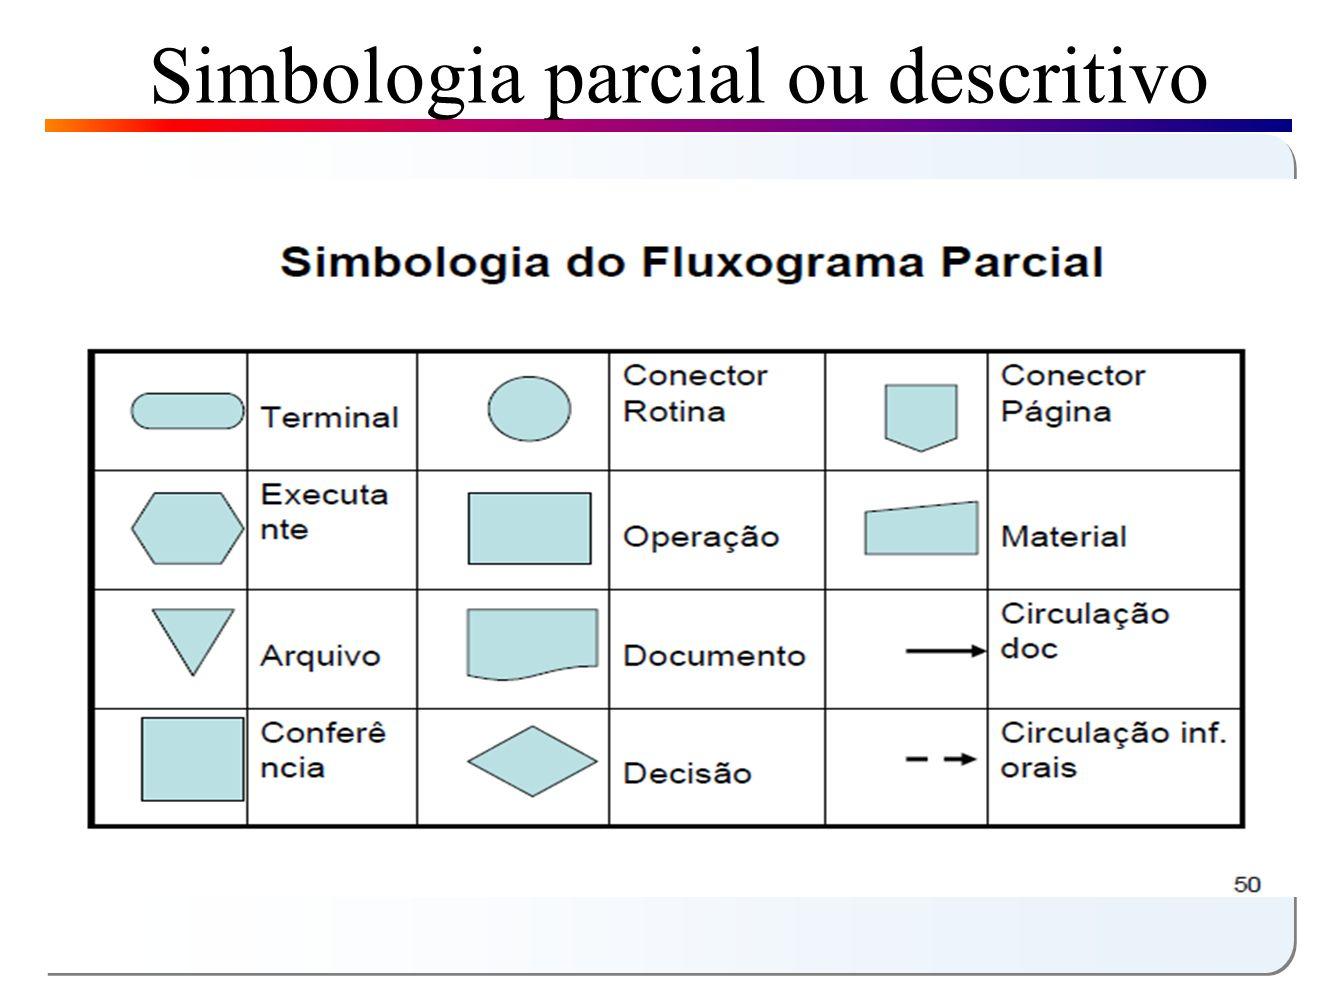 Simbologia parcial ou descritivo